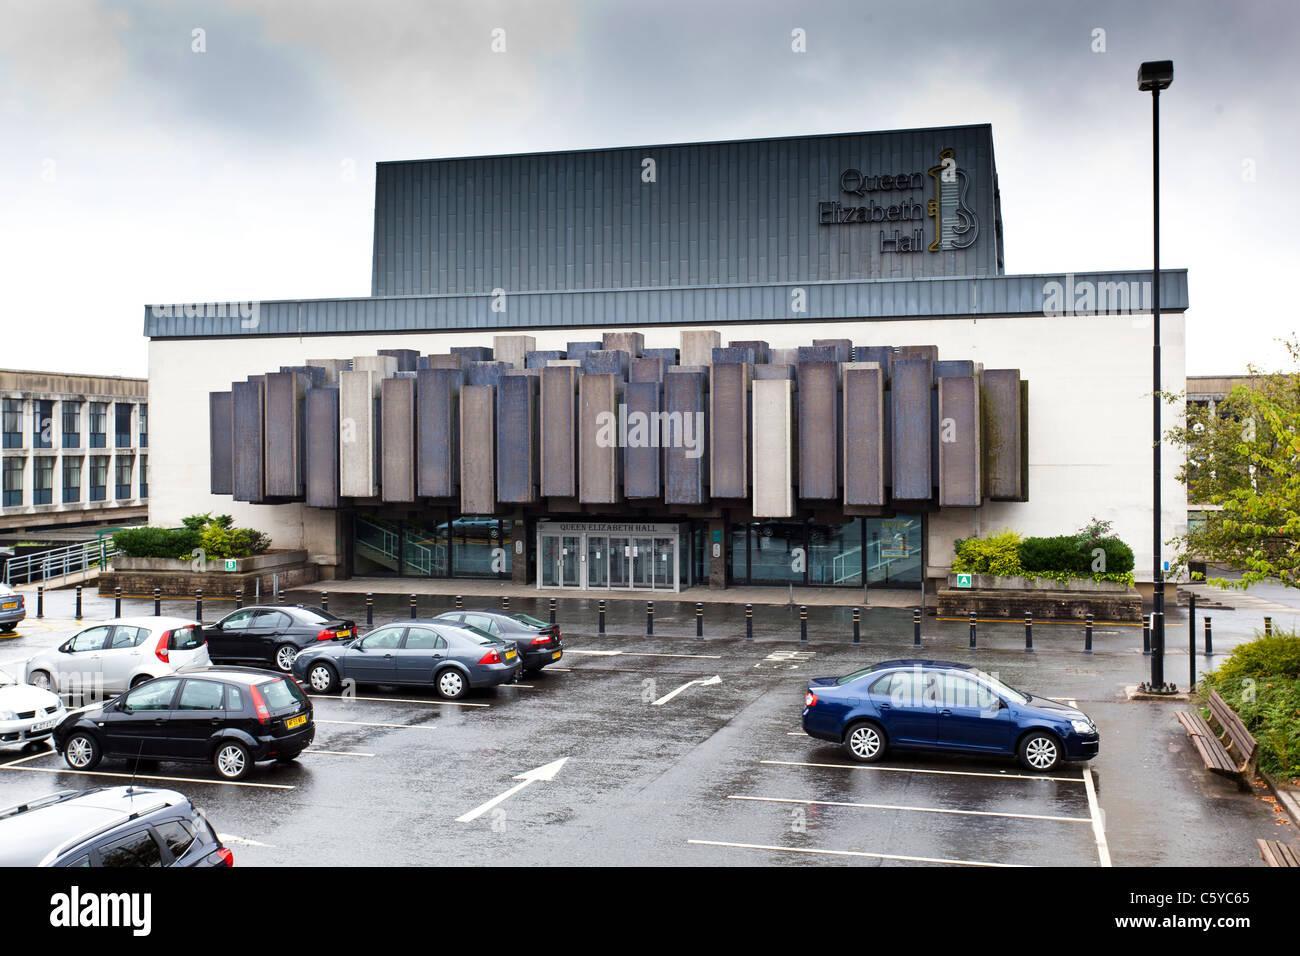 Oldham Queen Elizabeth Hall - Stock Image